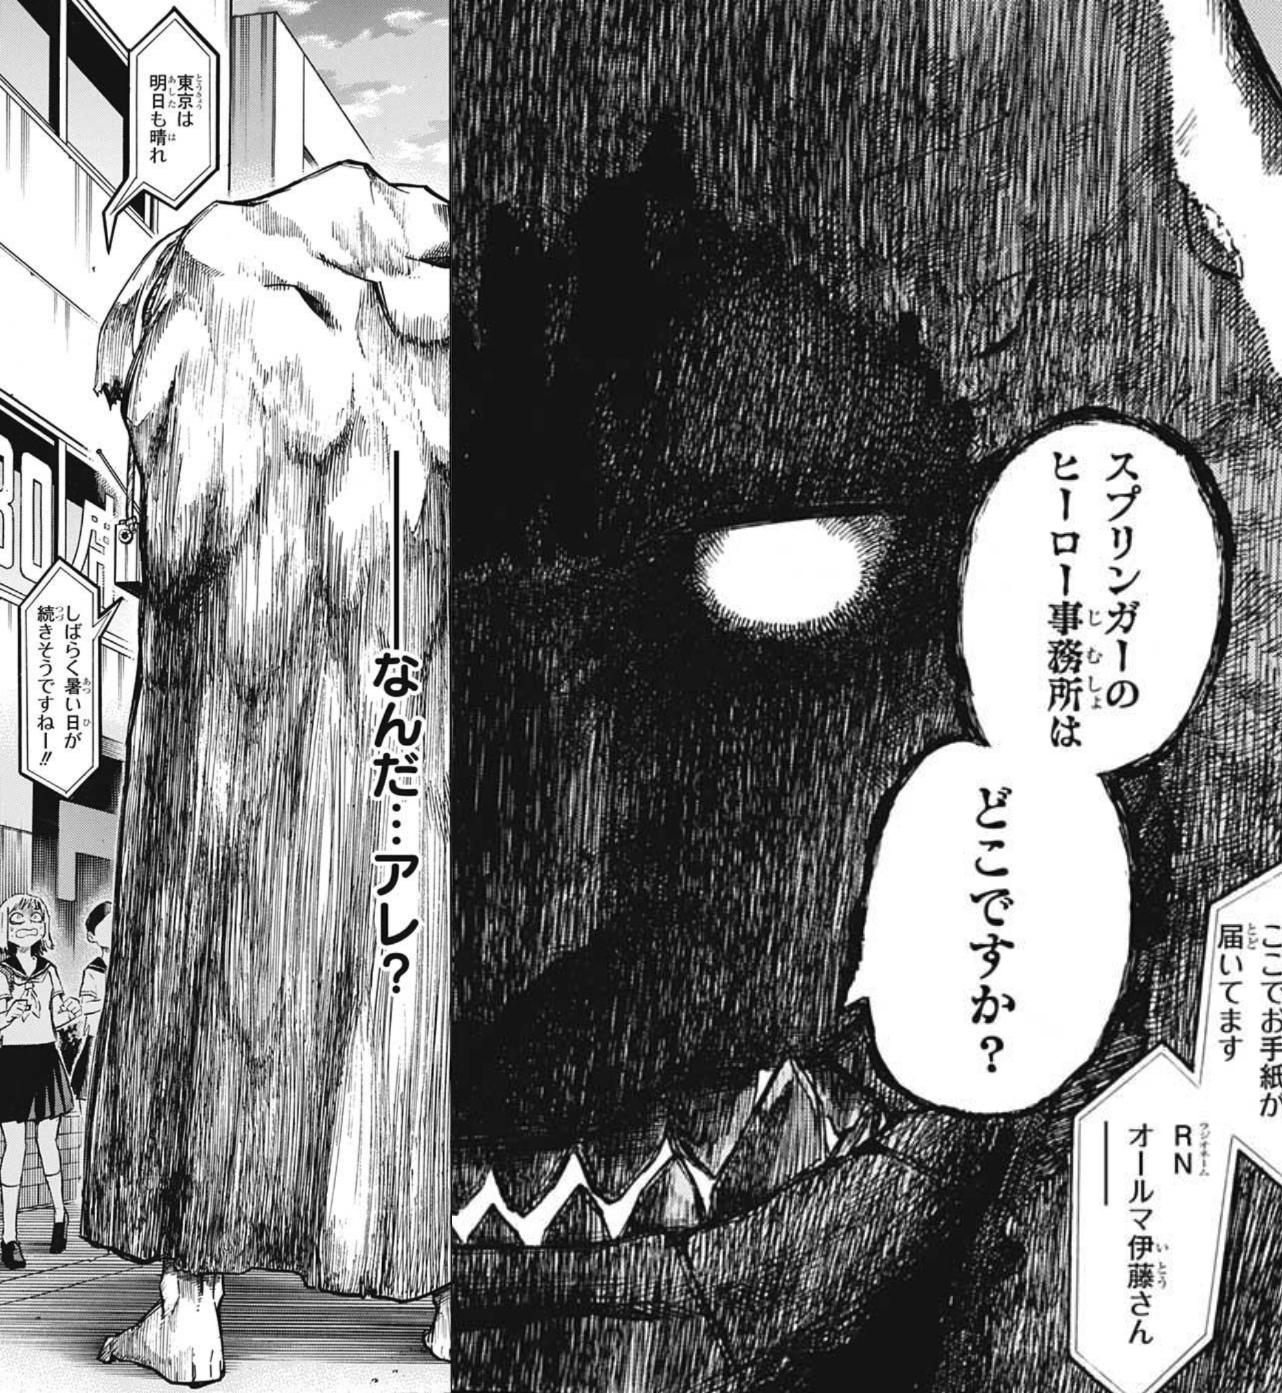 ギガントマキア2回目登場(2)